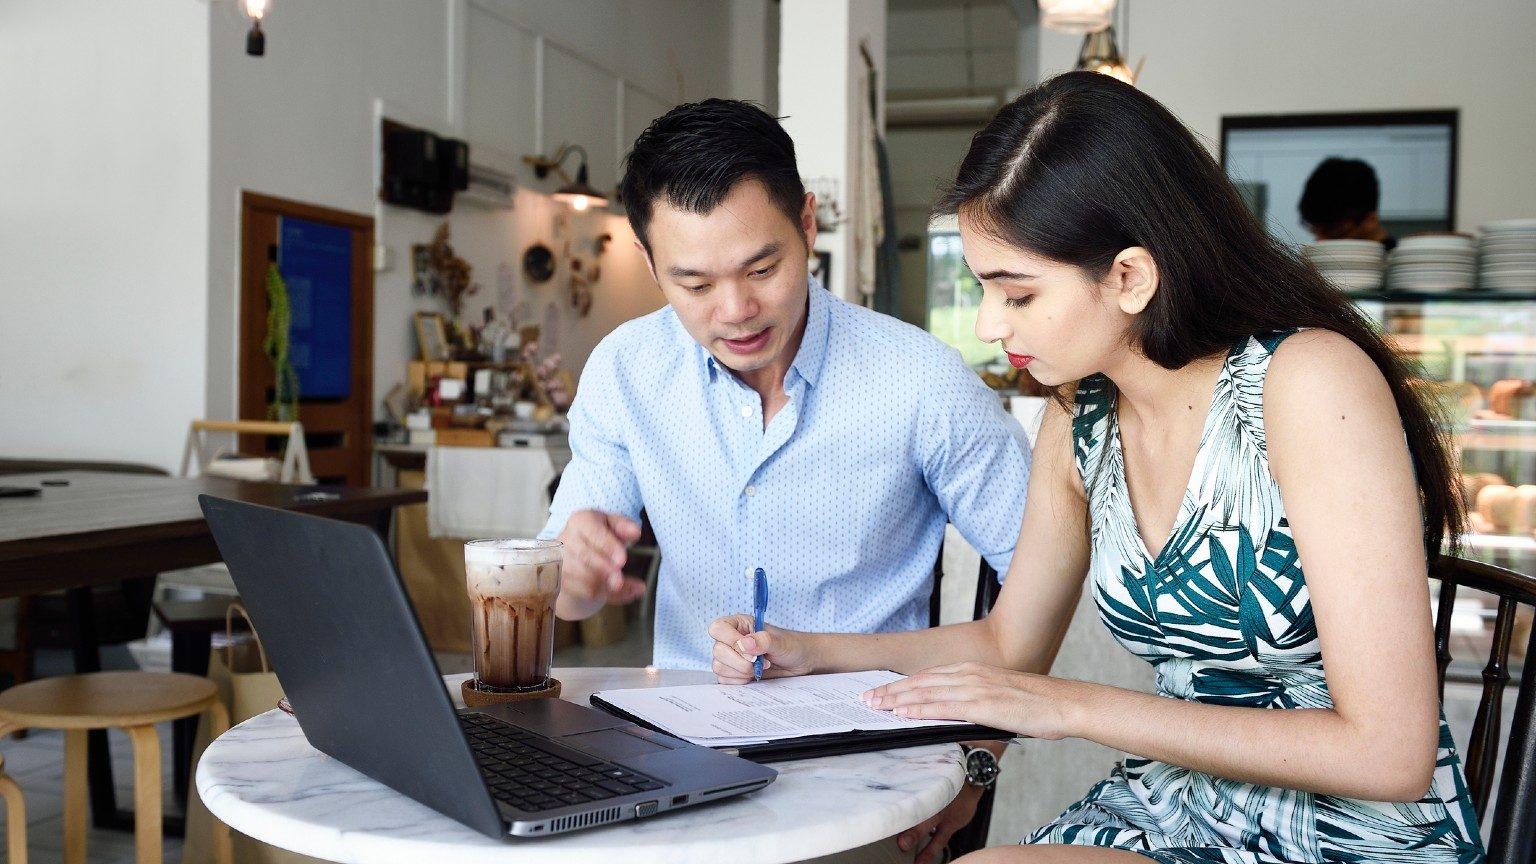 Singapore Woman Men Laptop